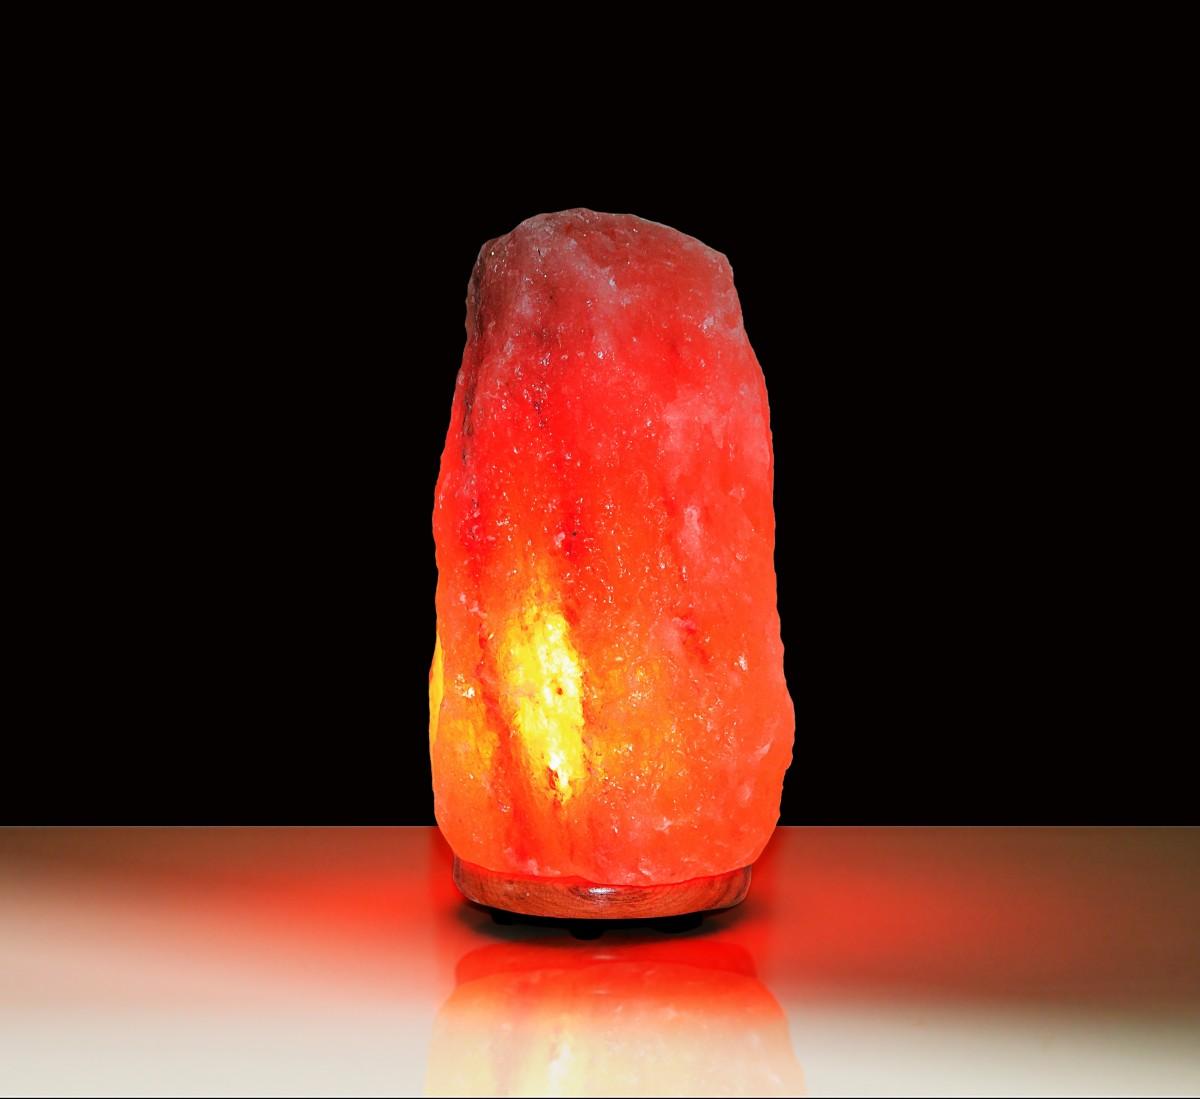 le de cristal de sel qui coule que faire hannibal frugal